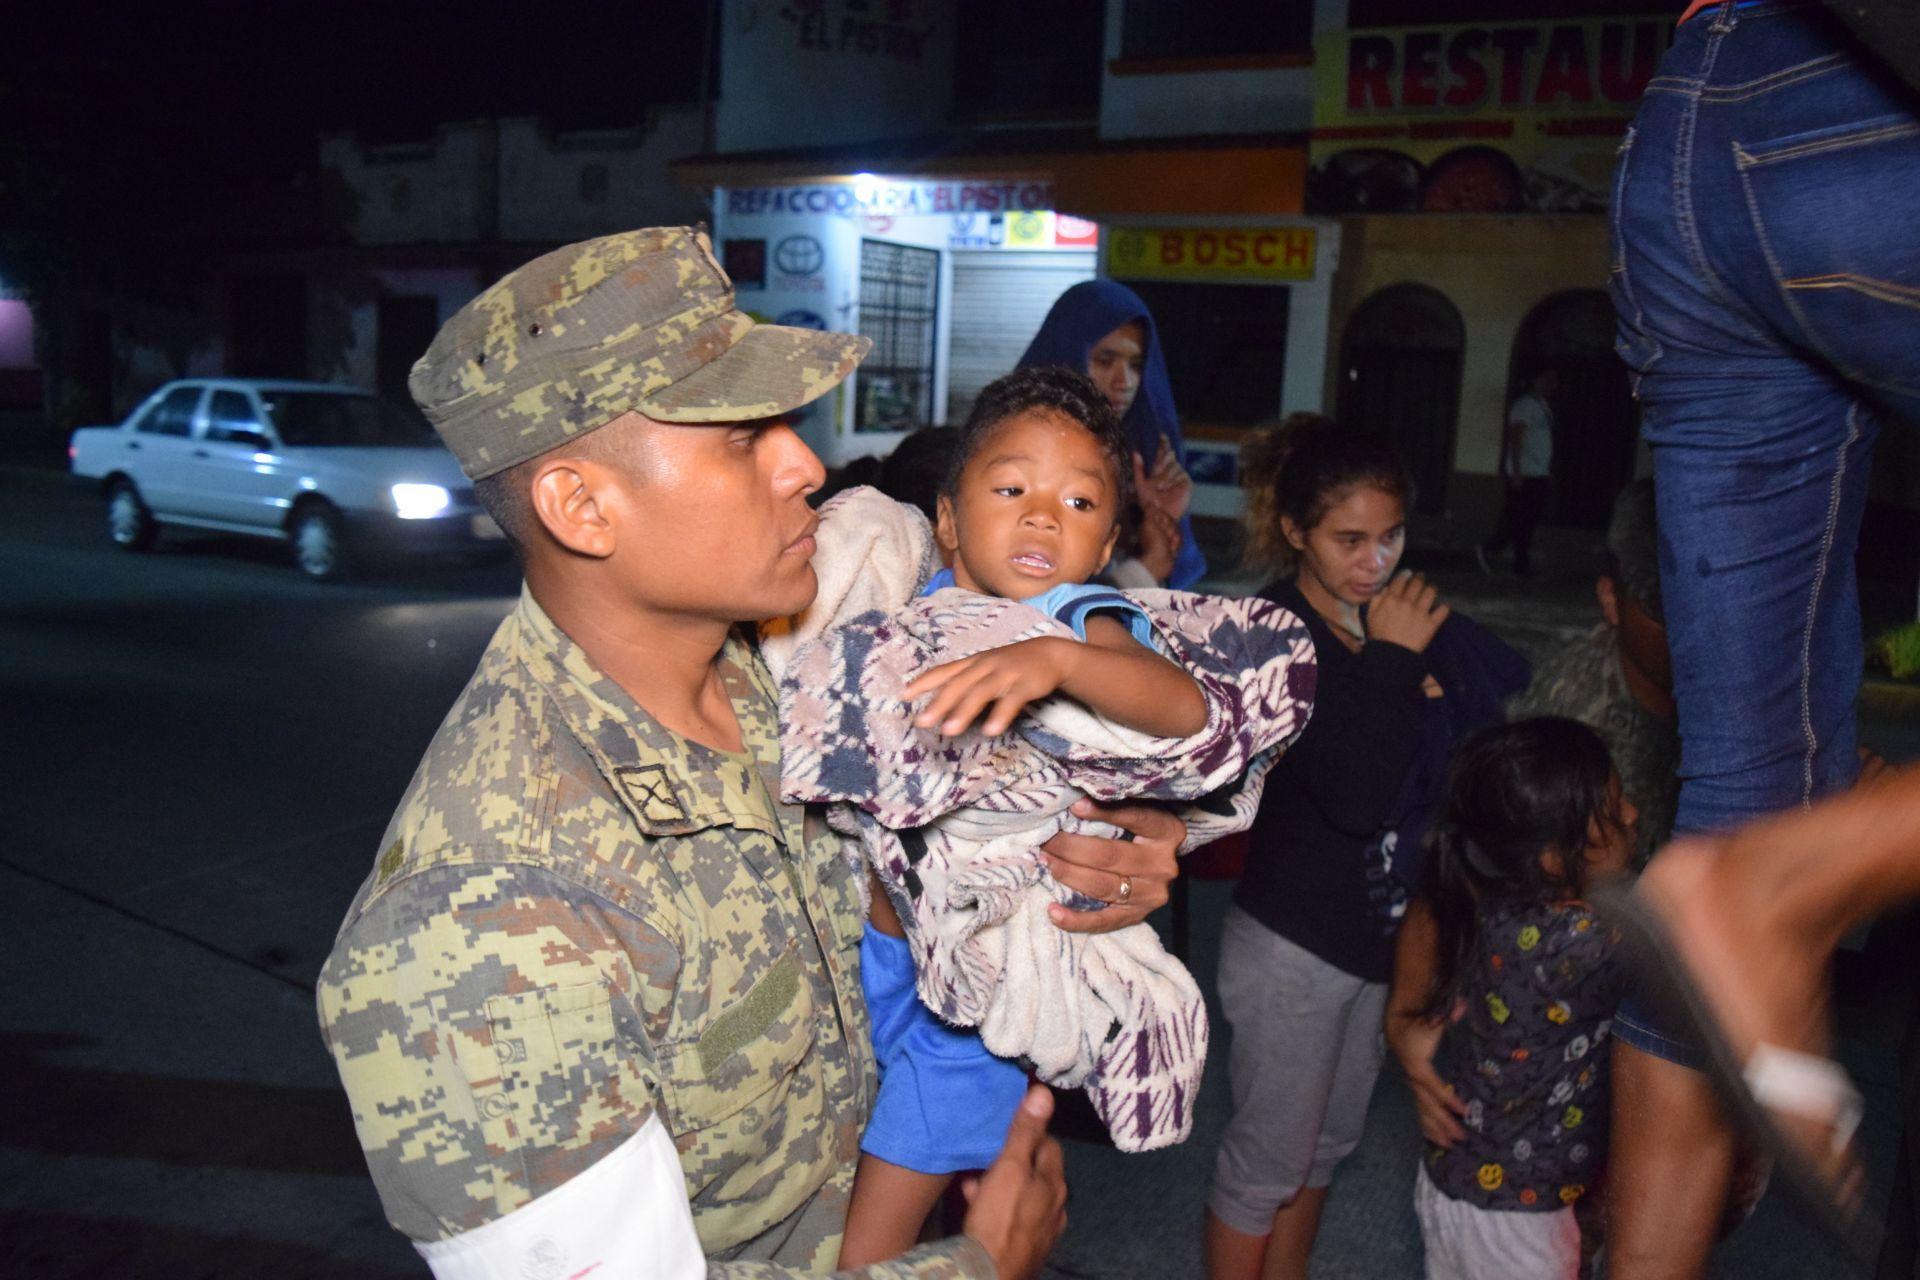 Bomberos y Protección Civil evacúan hoy, viernes 8 de septiembre de 2017, a residentes del municipio de Tapachula, en el estado de Chiapas, tras el fuerte sismo de magnitud ocho en la escala abierta de Richter que sacudió hoy violentamente a México. El fuerte terremoto registrado en la noche del jueves en México ha dejado al menos 32 muertos en el sur del país -23 en el estado de Oaxaca, 7 en Chiapas y 2 en Tabasco-, según el informe preliminar de las autoridades.